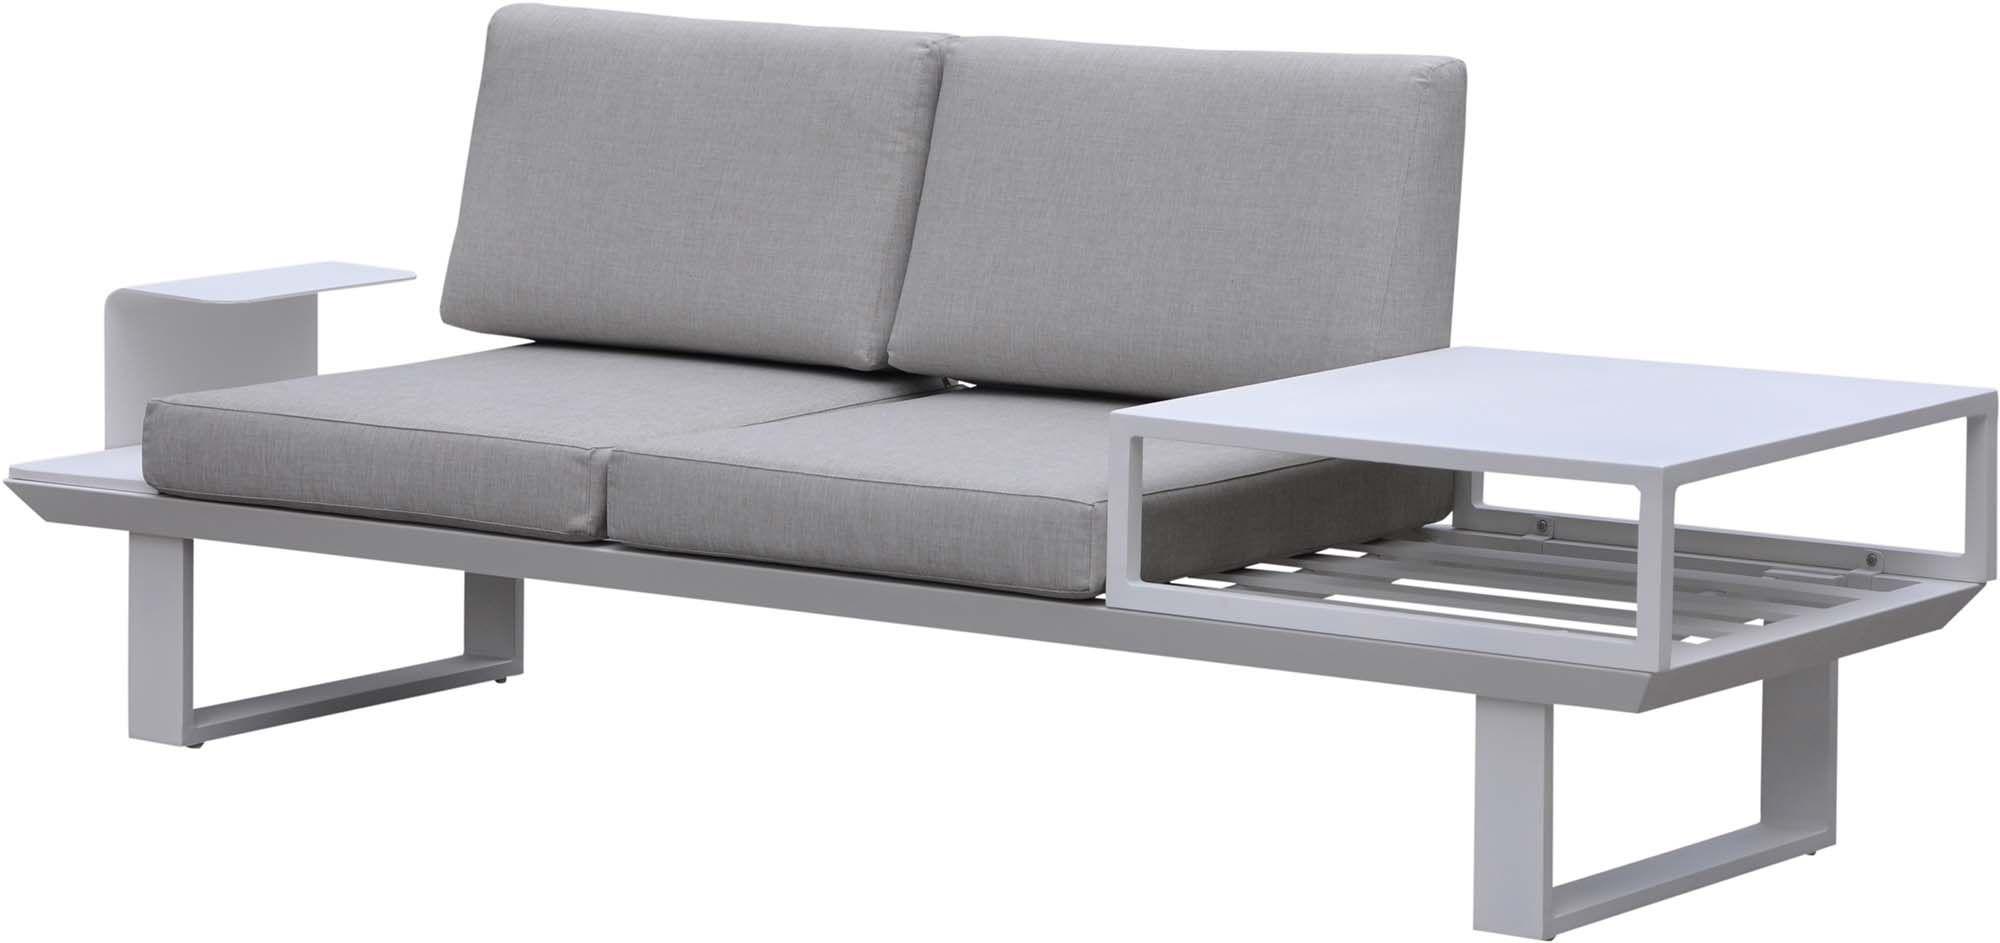 Salon de jardin aluminium luxe paris for Salon uv paris